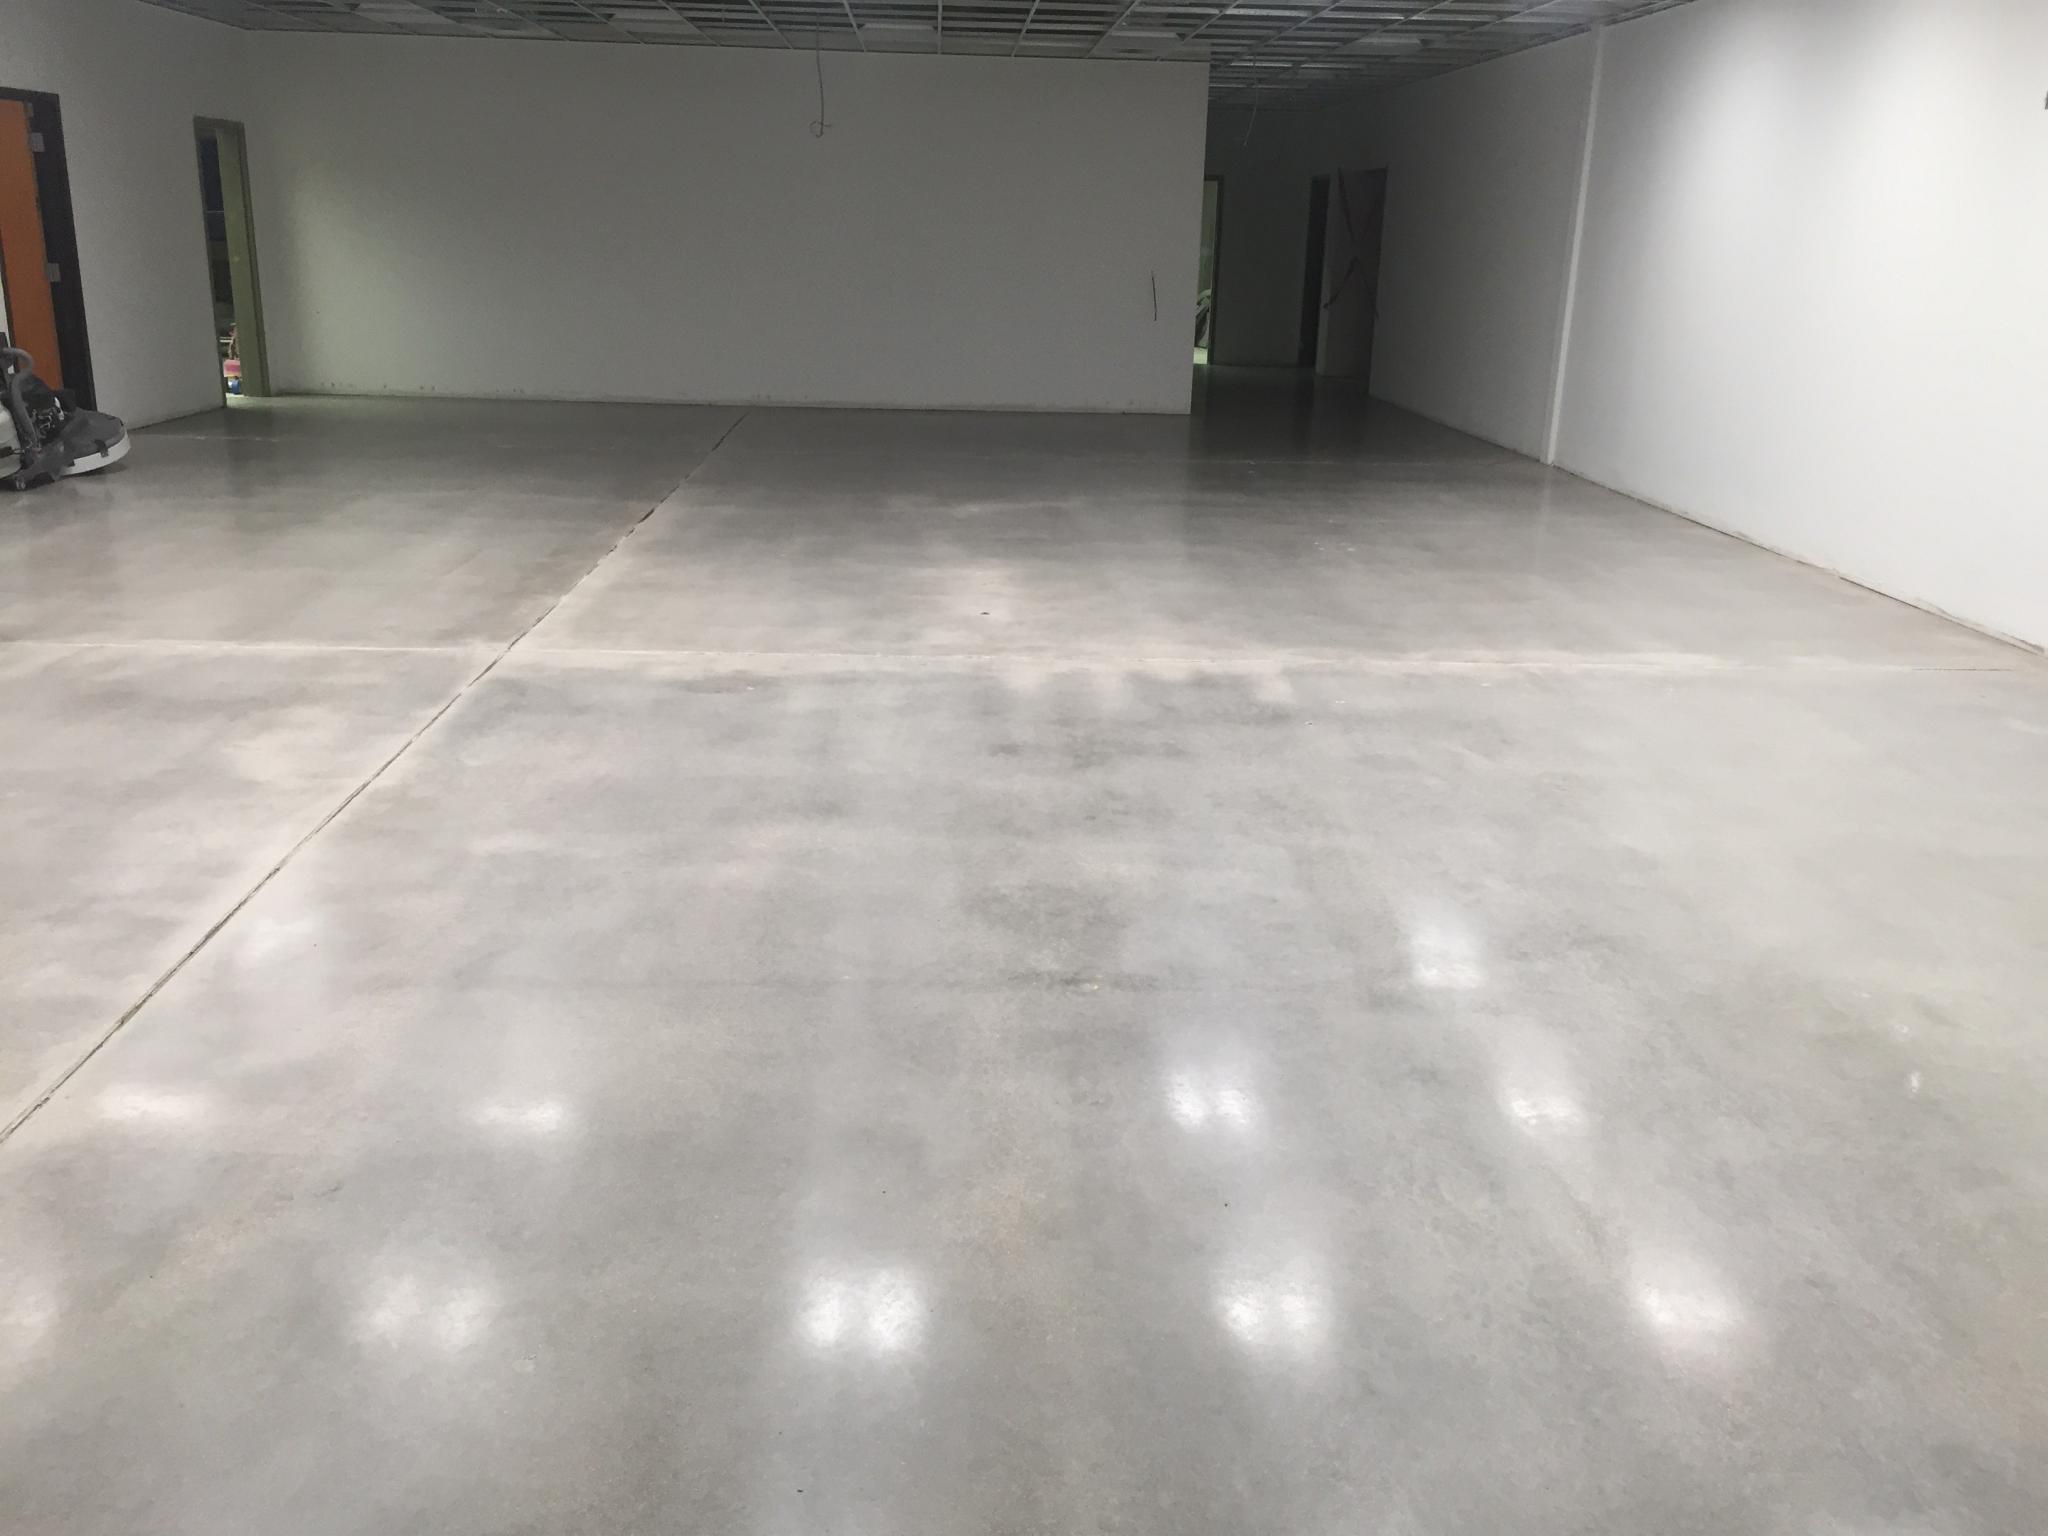 Gallery 5280 Floors